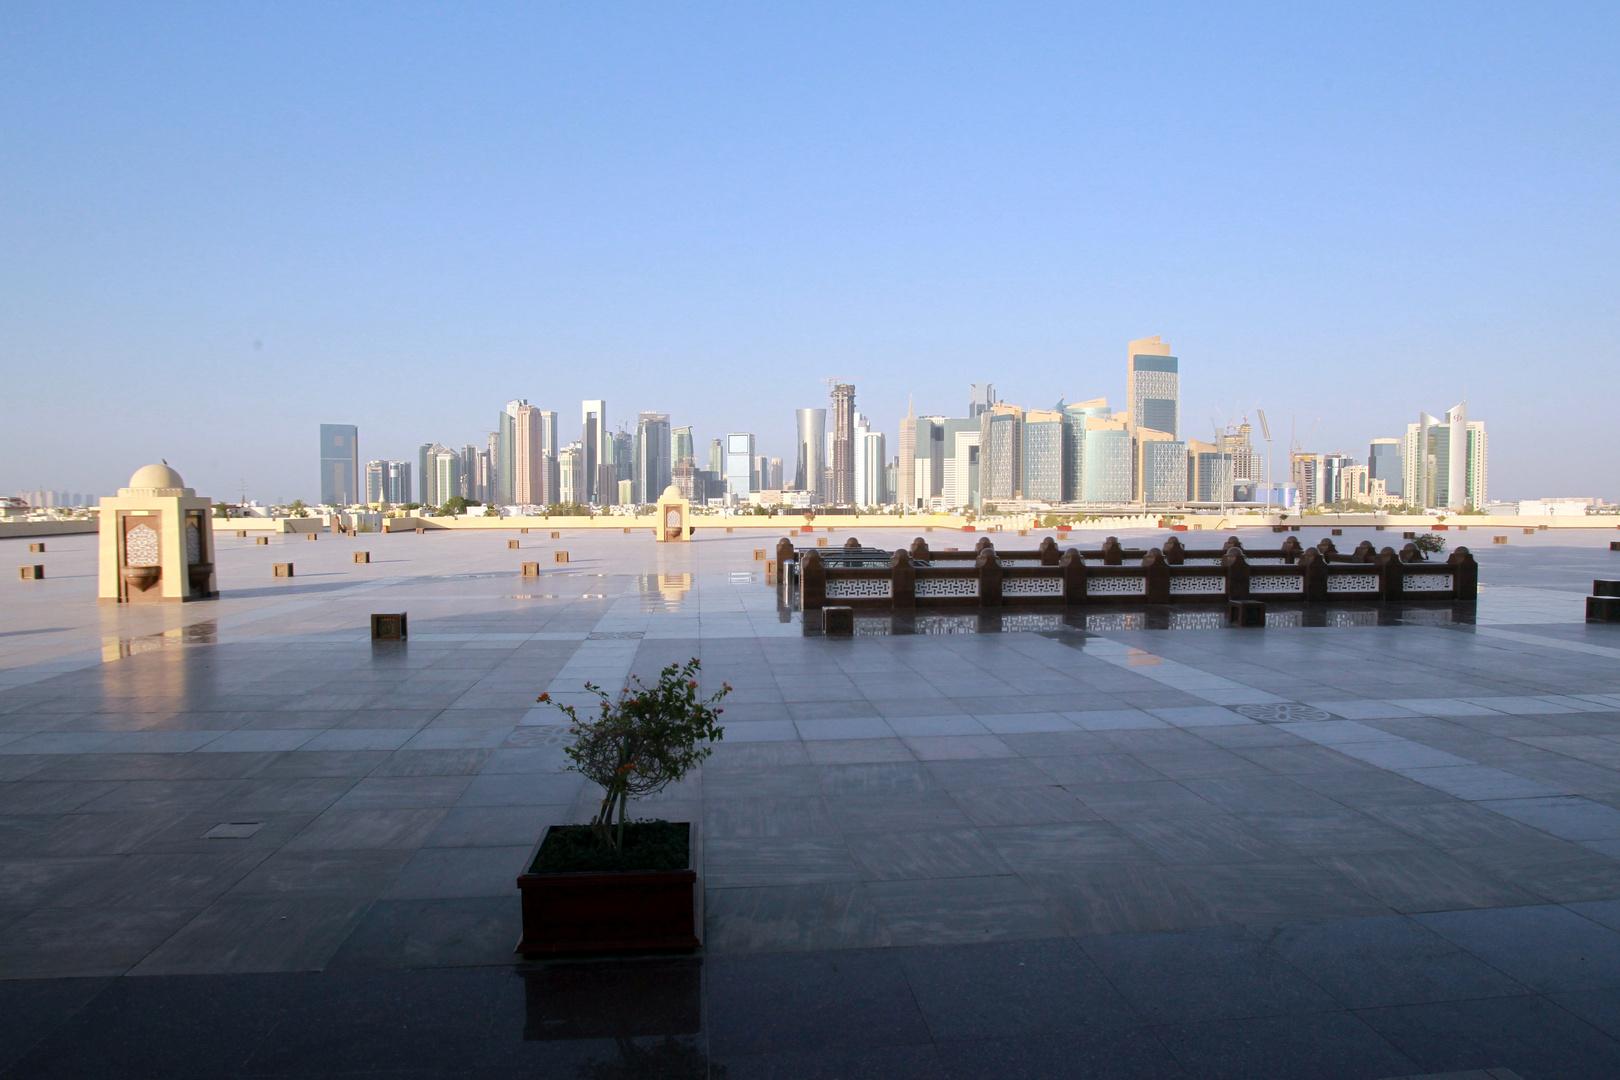 بأكثر من 100 ألف إصابة بكورونا.. قطر تتصدر قائمة عالمية سوداء